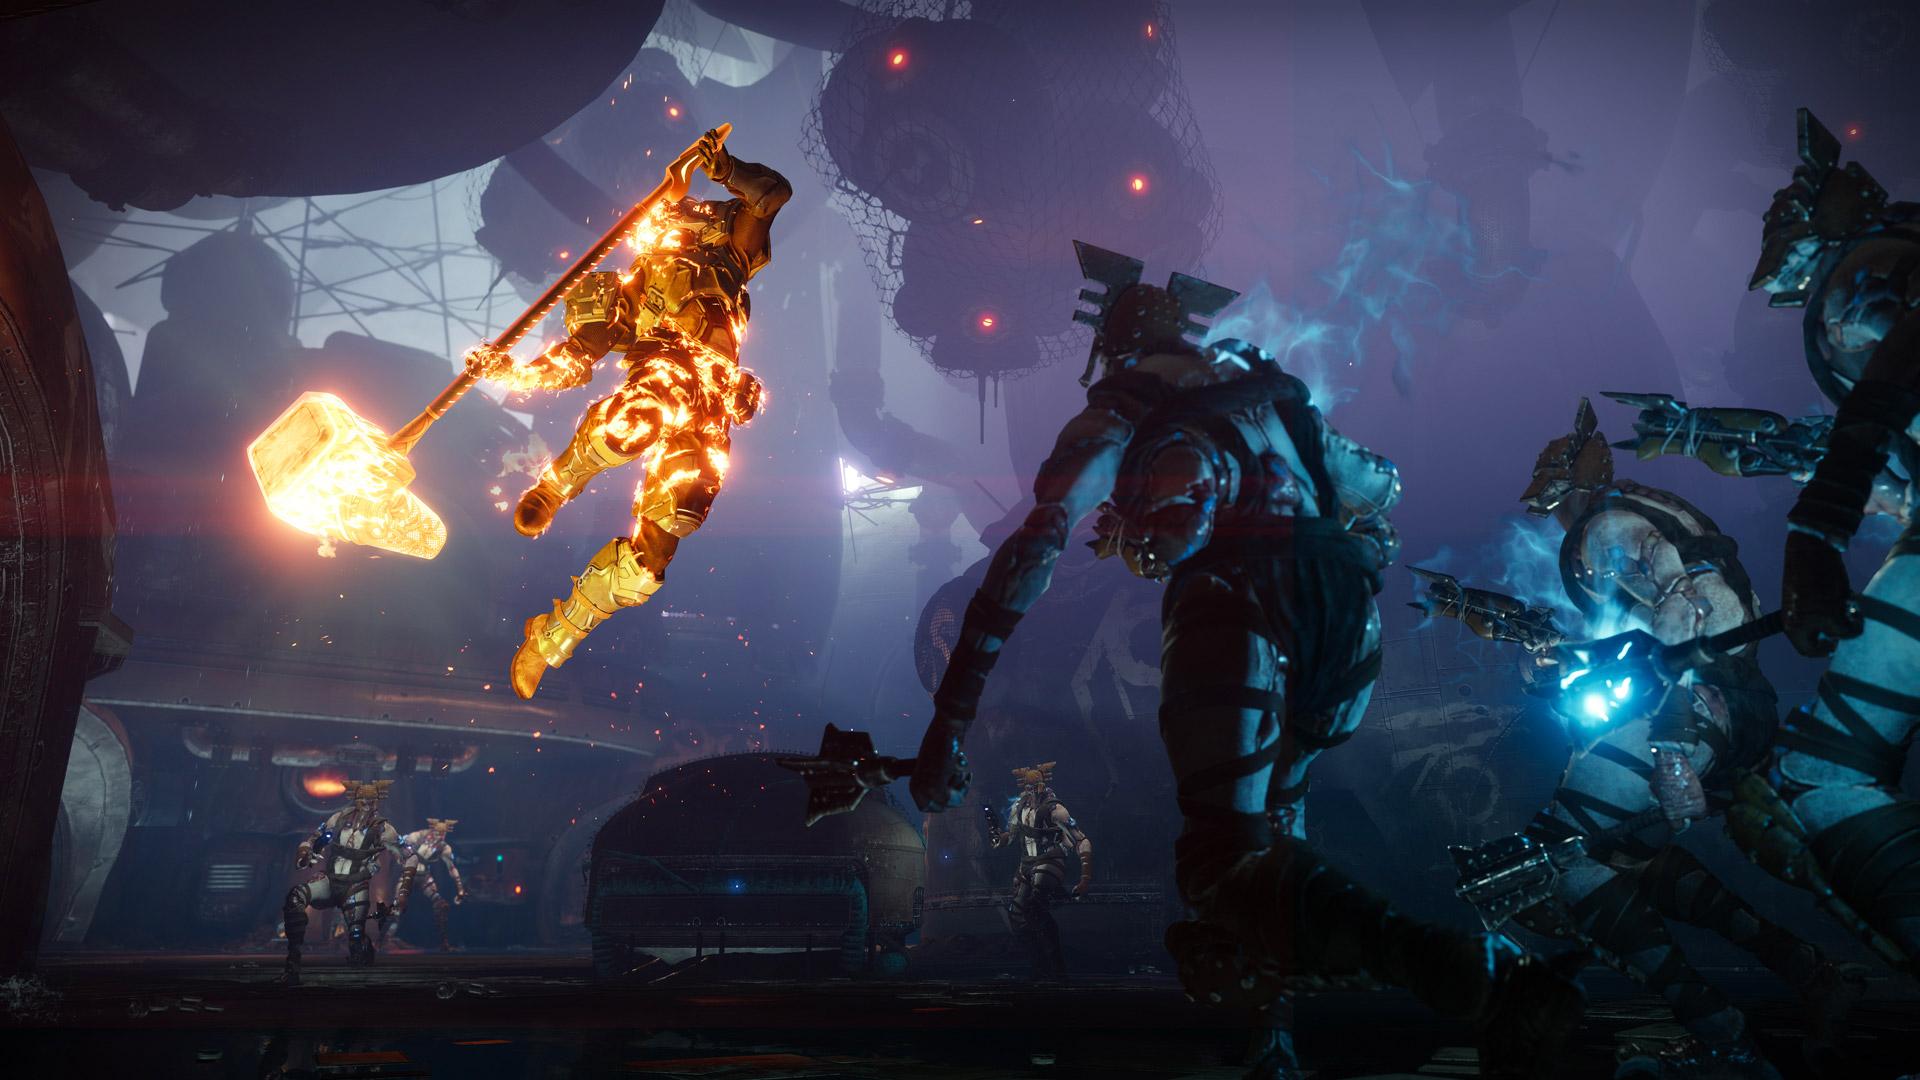 Activision rend les droits de publication de Destiny à Bungie, son développeur